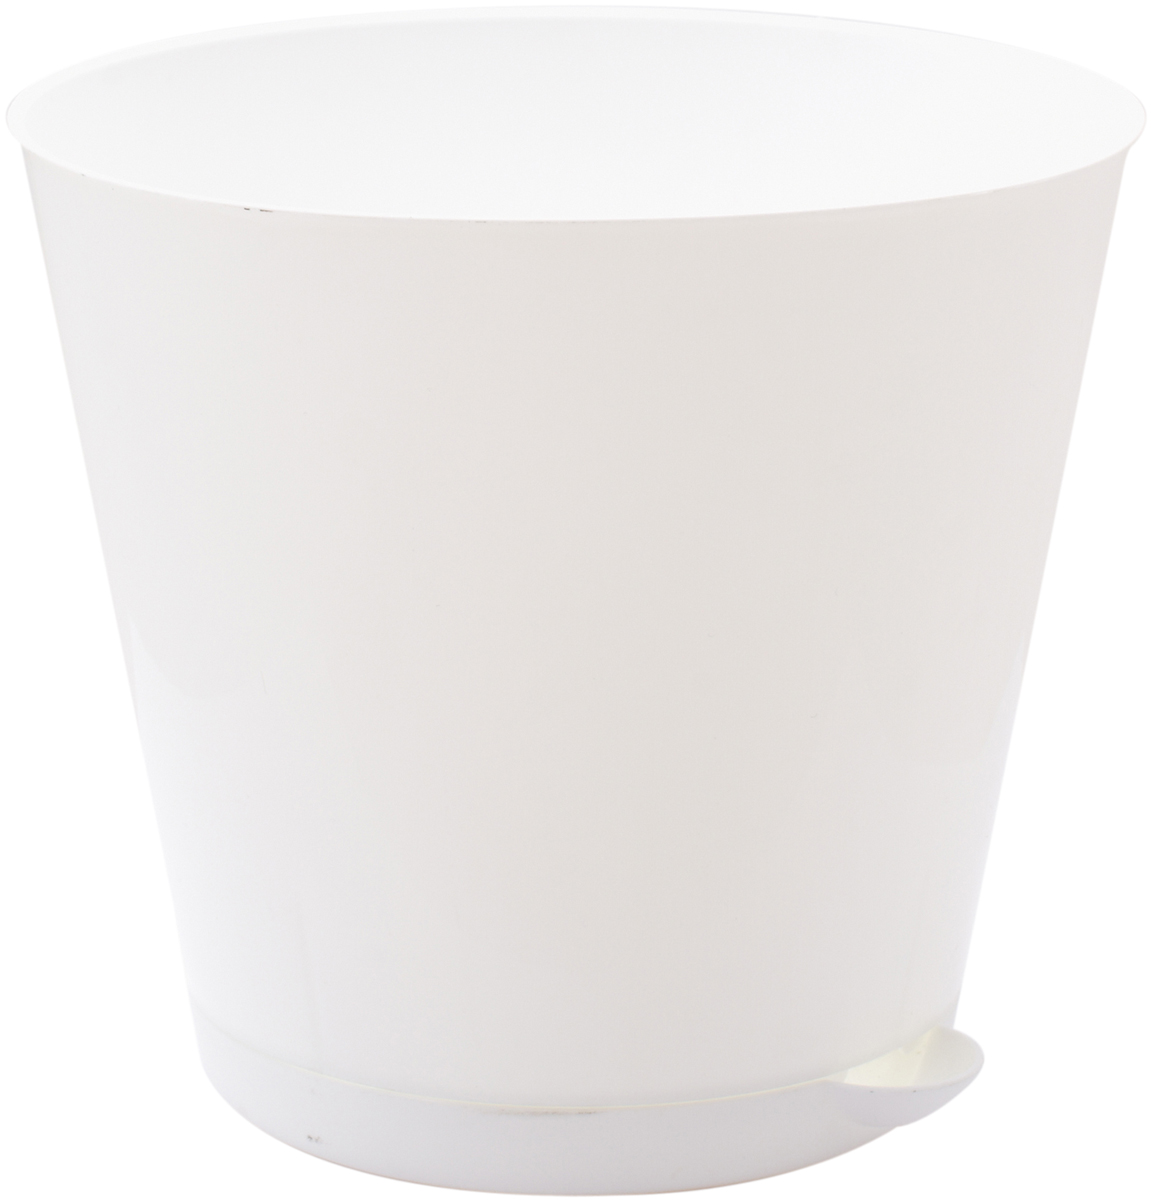 Горшок для цветов InGreen Крит, с системой прикорневого полива, цвет: белый, диаметр 16 смK100Цветочный горшок «Крит» -это поиск нового, в основе которого лежит целесообразность. Горшок лаконичный и богат яркими цветовыми решениями, отличается функциональностью. Специальная конструкция обеспечивает вентиляцию в корневой системе растения, а дренажная решетка позволяет выходить лишней влаге из почвы. Крепёжные отверстия и штыри прочно крепят подставку к горшку. Прикорневой полив растения осуществляется через удобный носик.